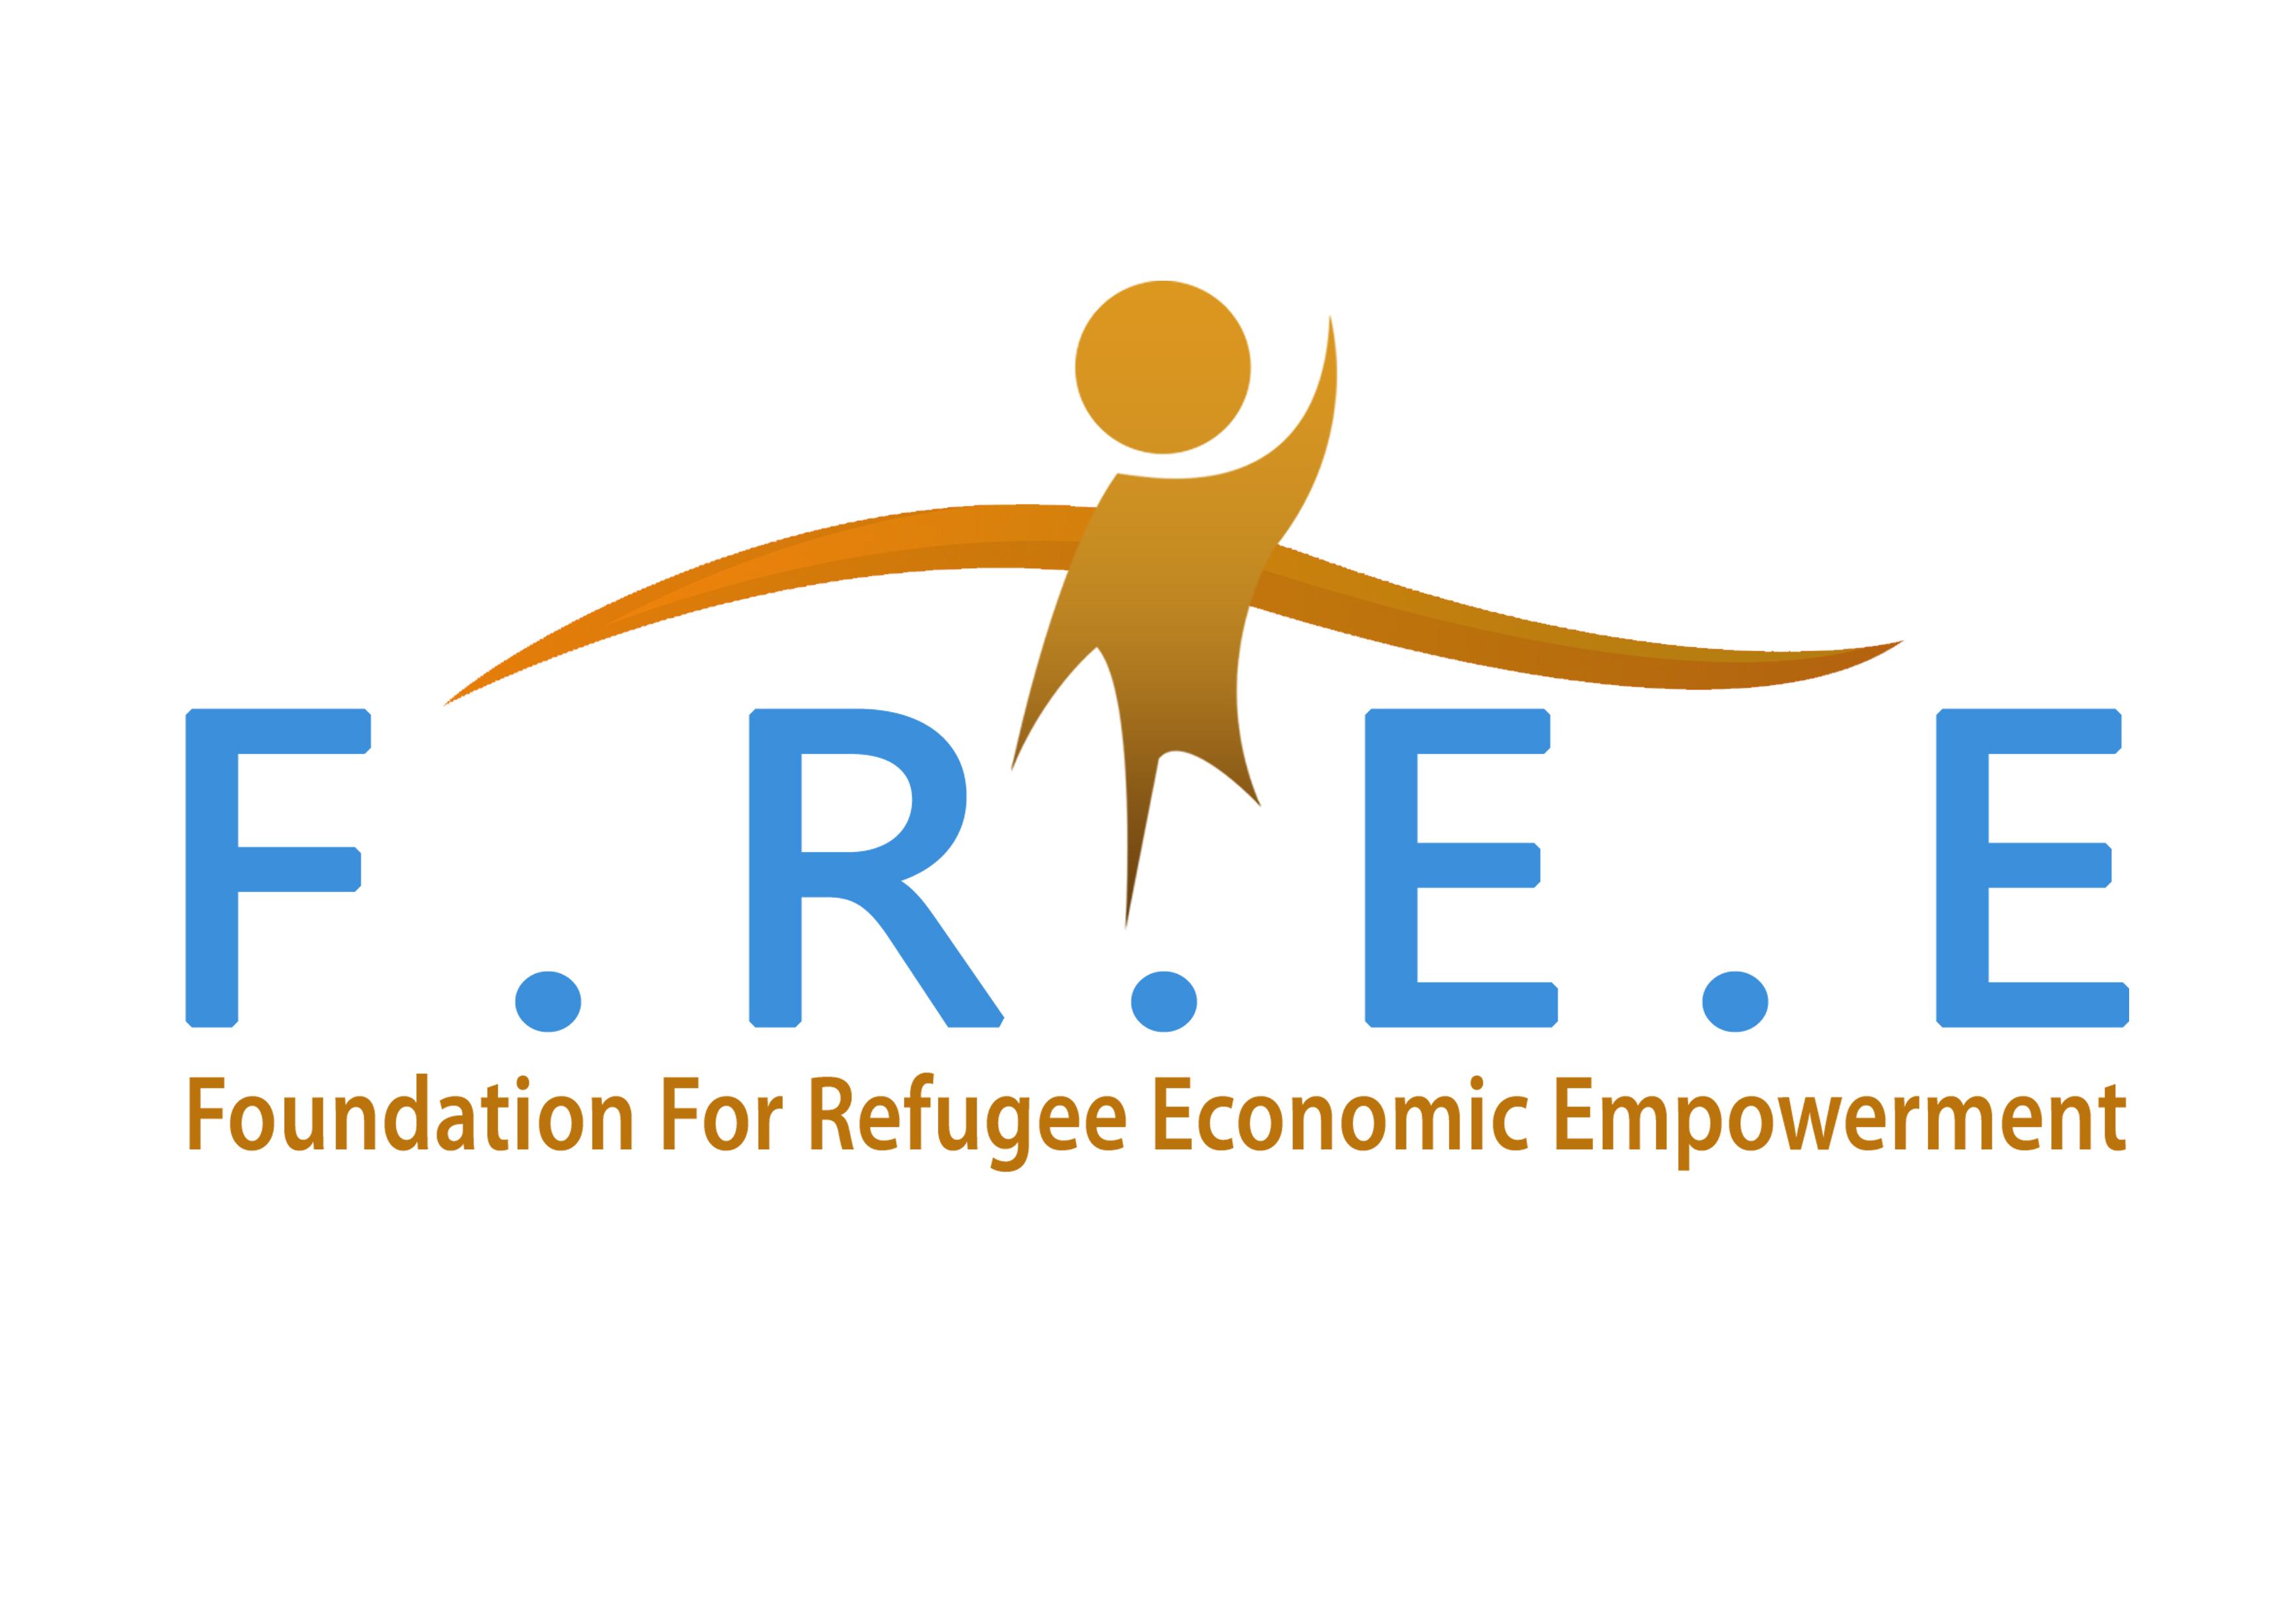 FOUNDATION FOR REFUGEE ECONOMIC EMPOWERMENT